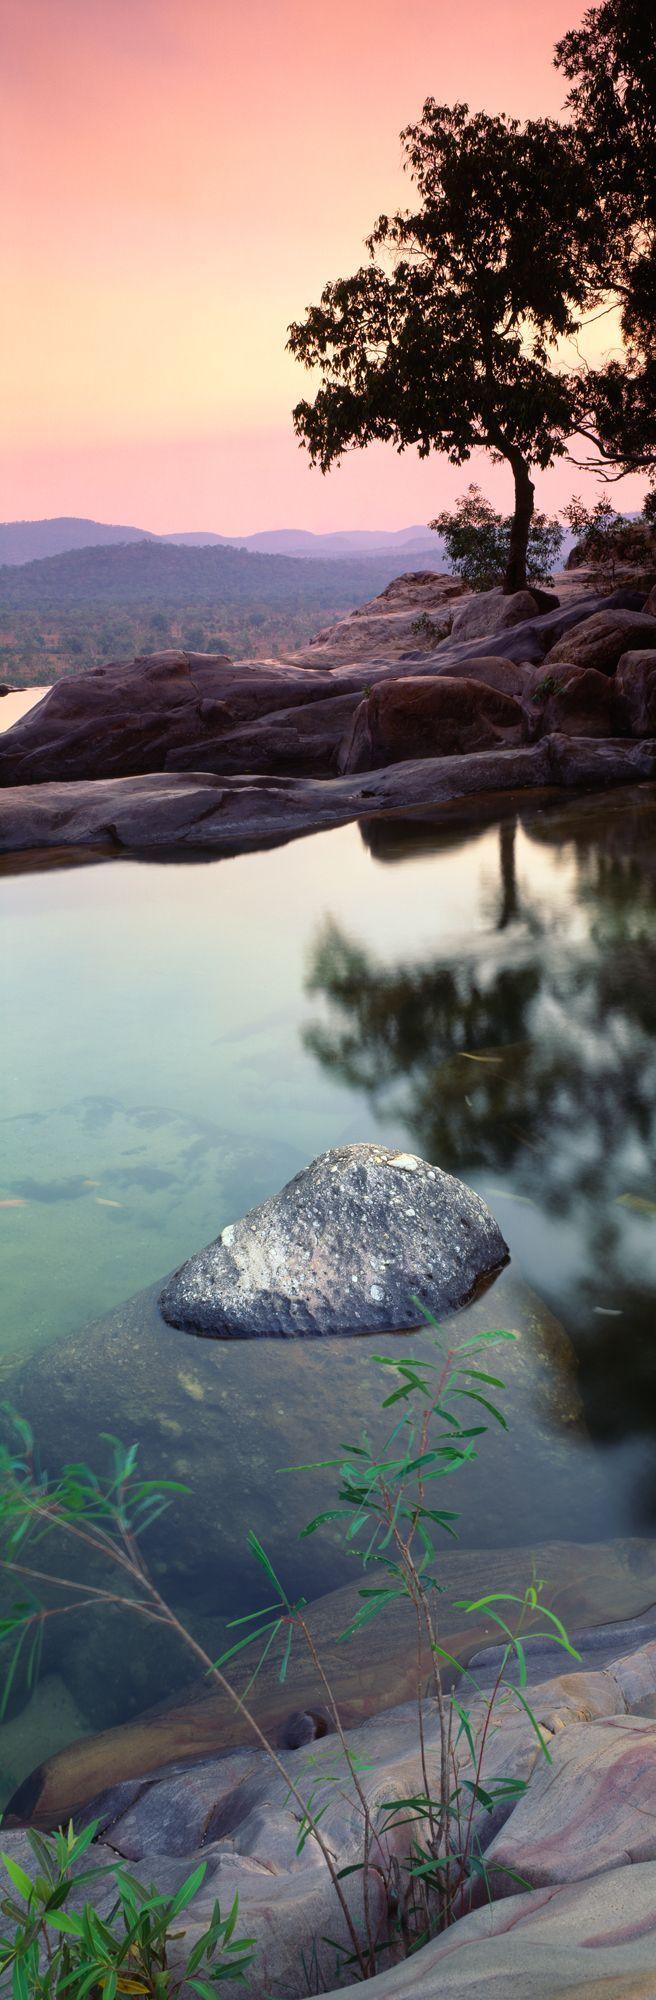 Nuestro Planeta | Parque Nacional Kakadu, Australia